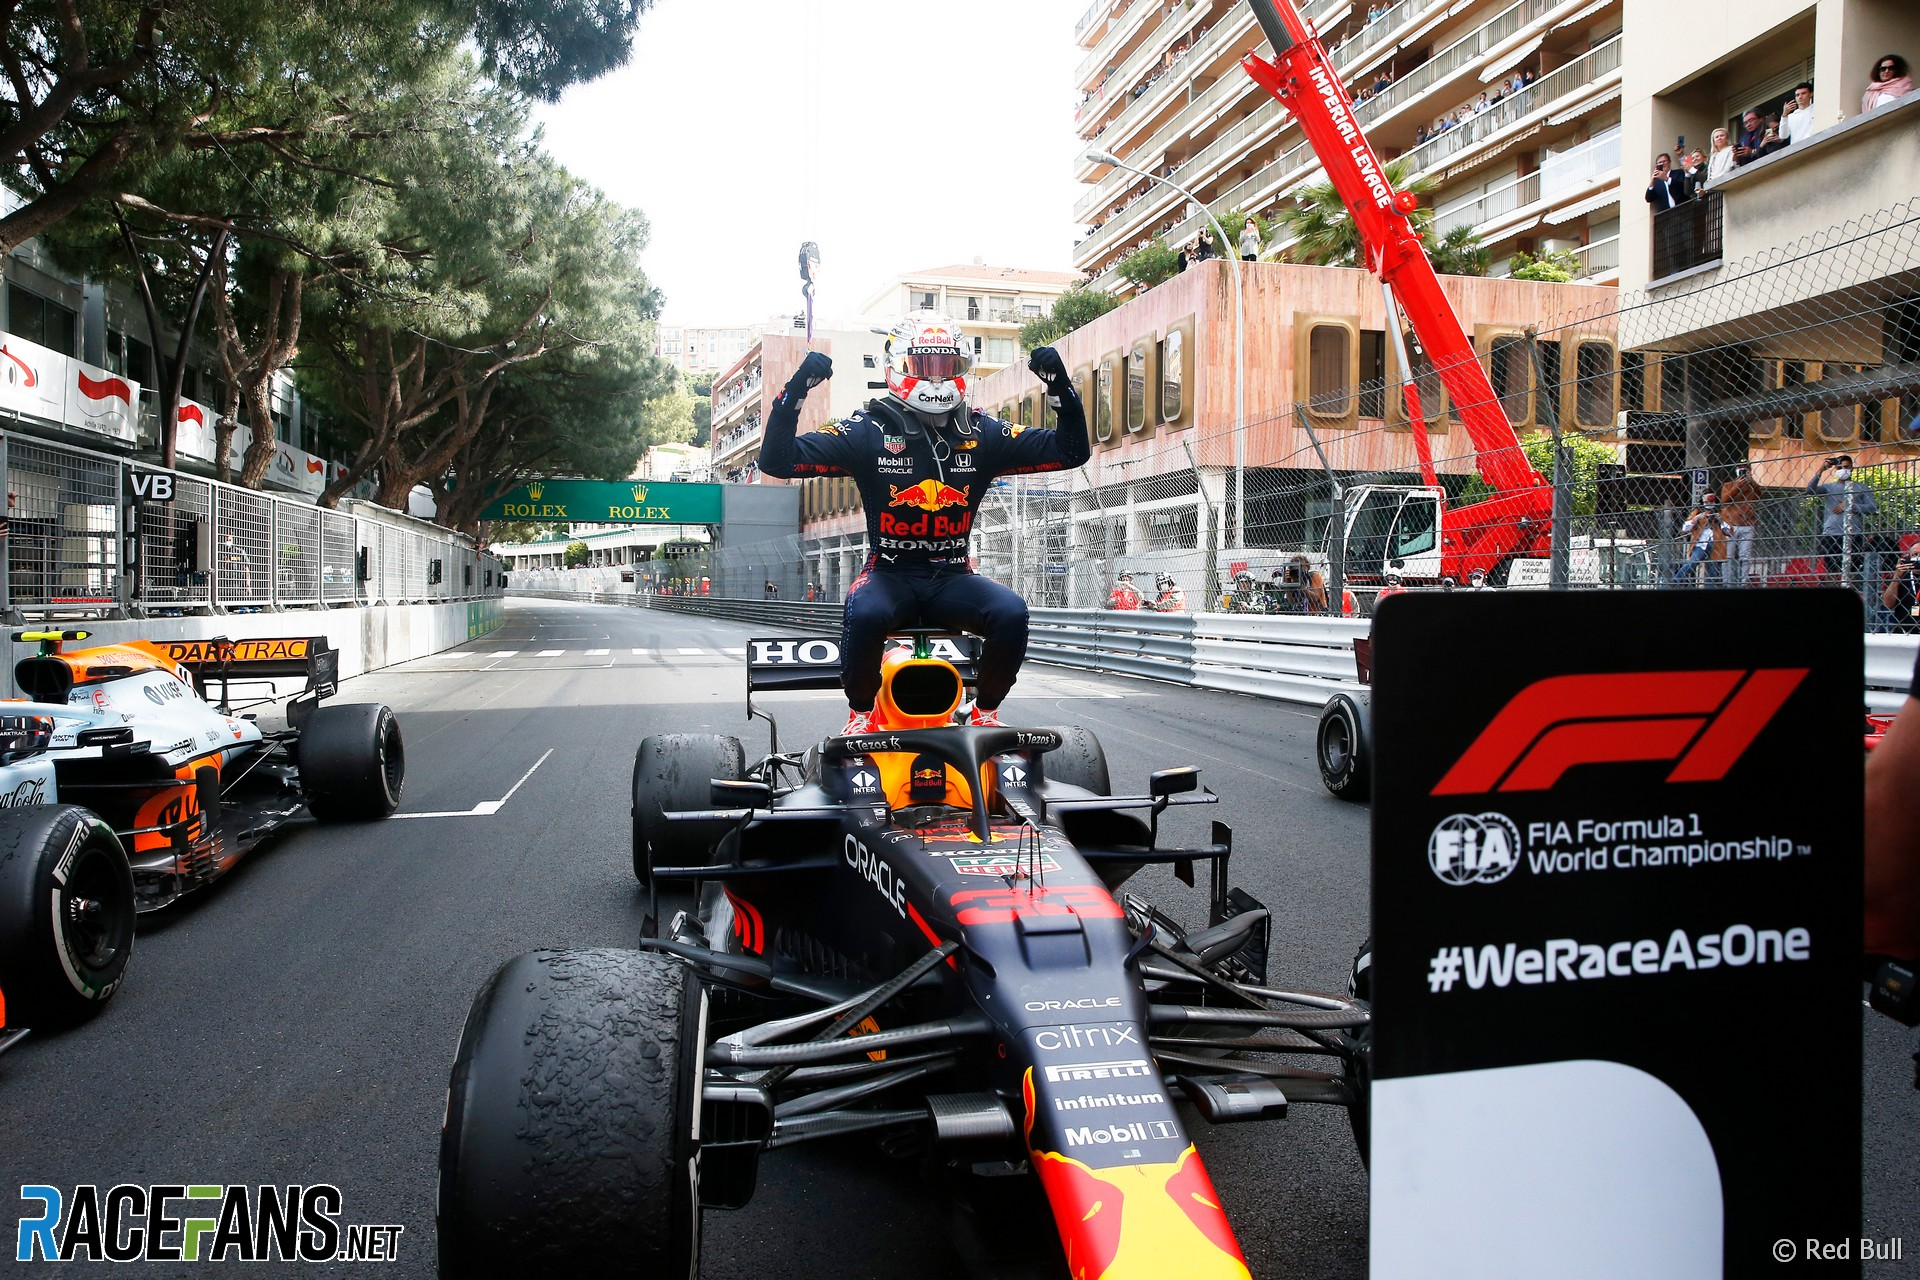 Max Verstappen, Red Bull, Monaco